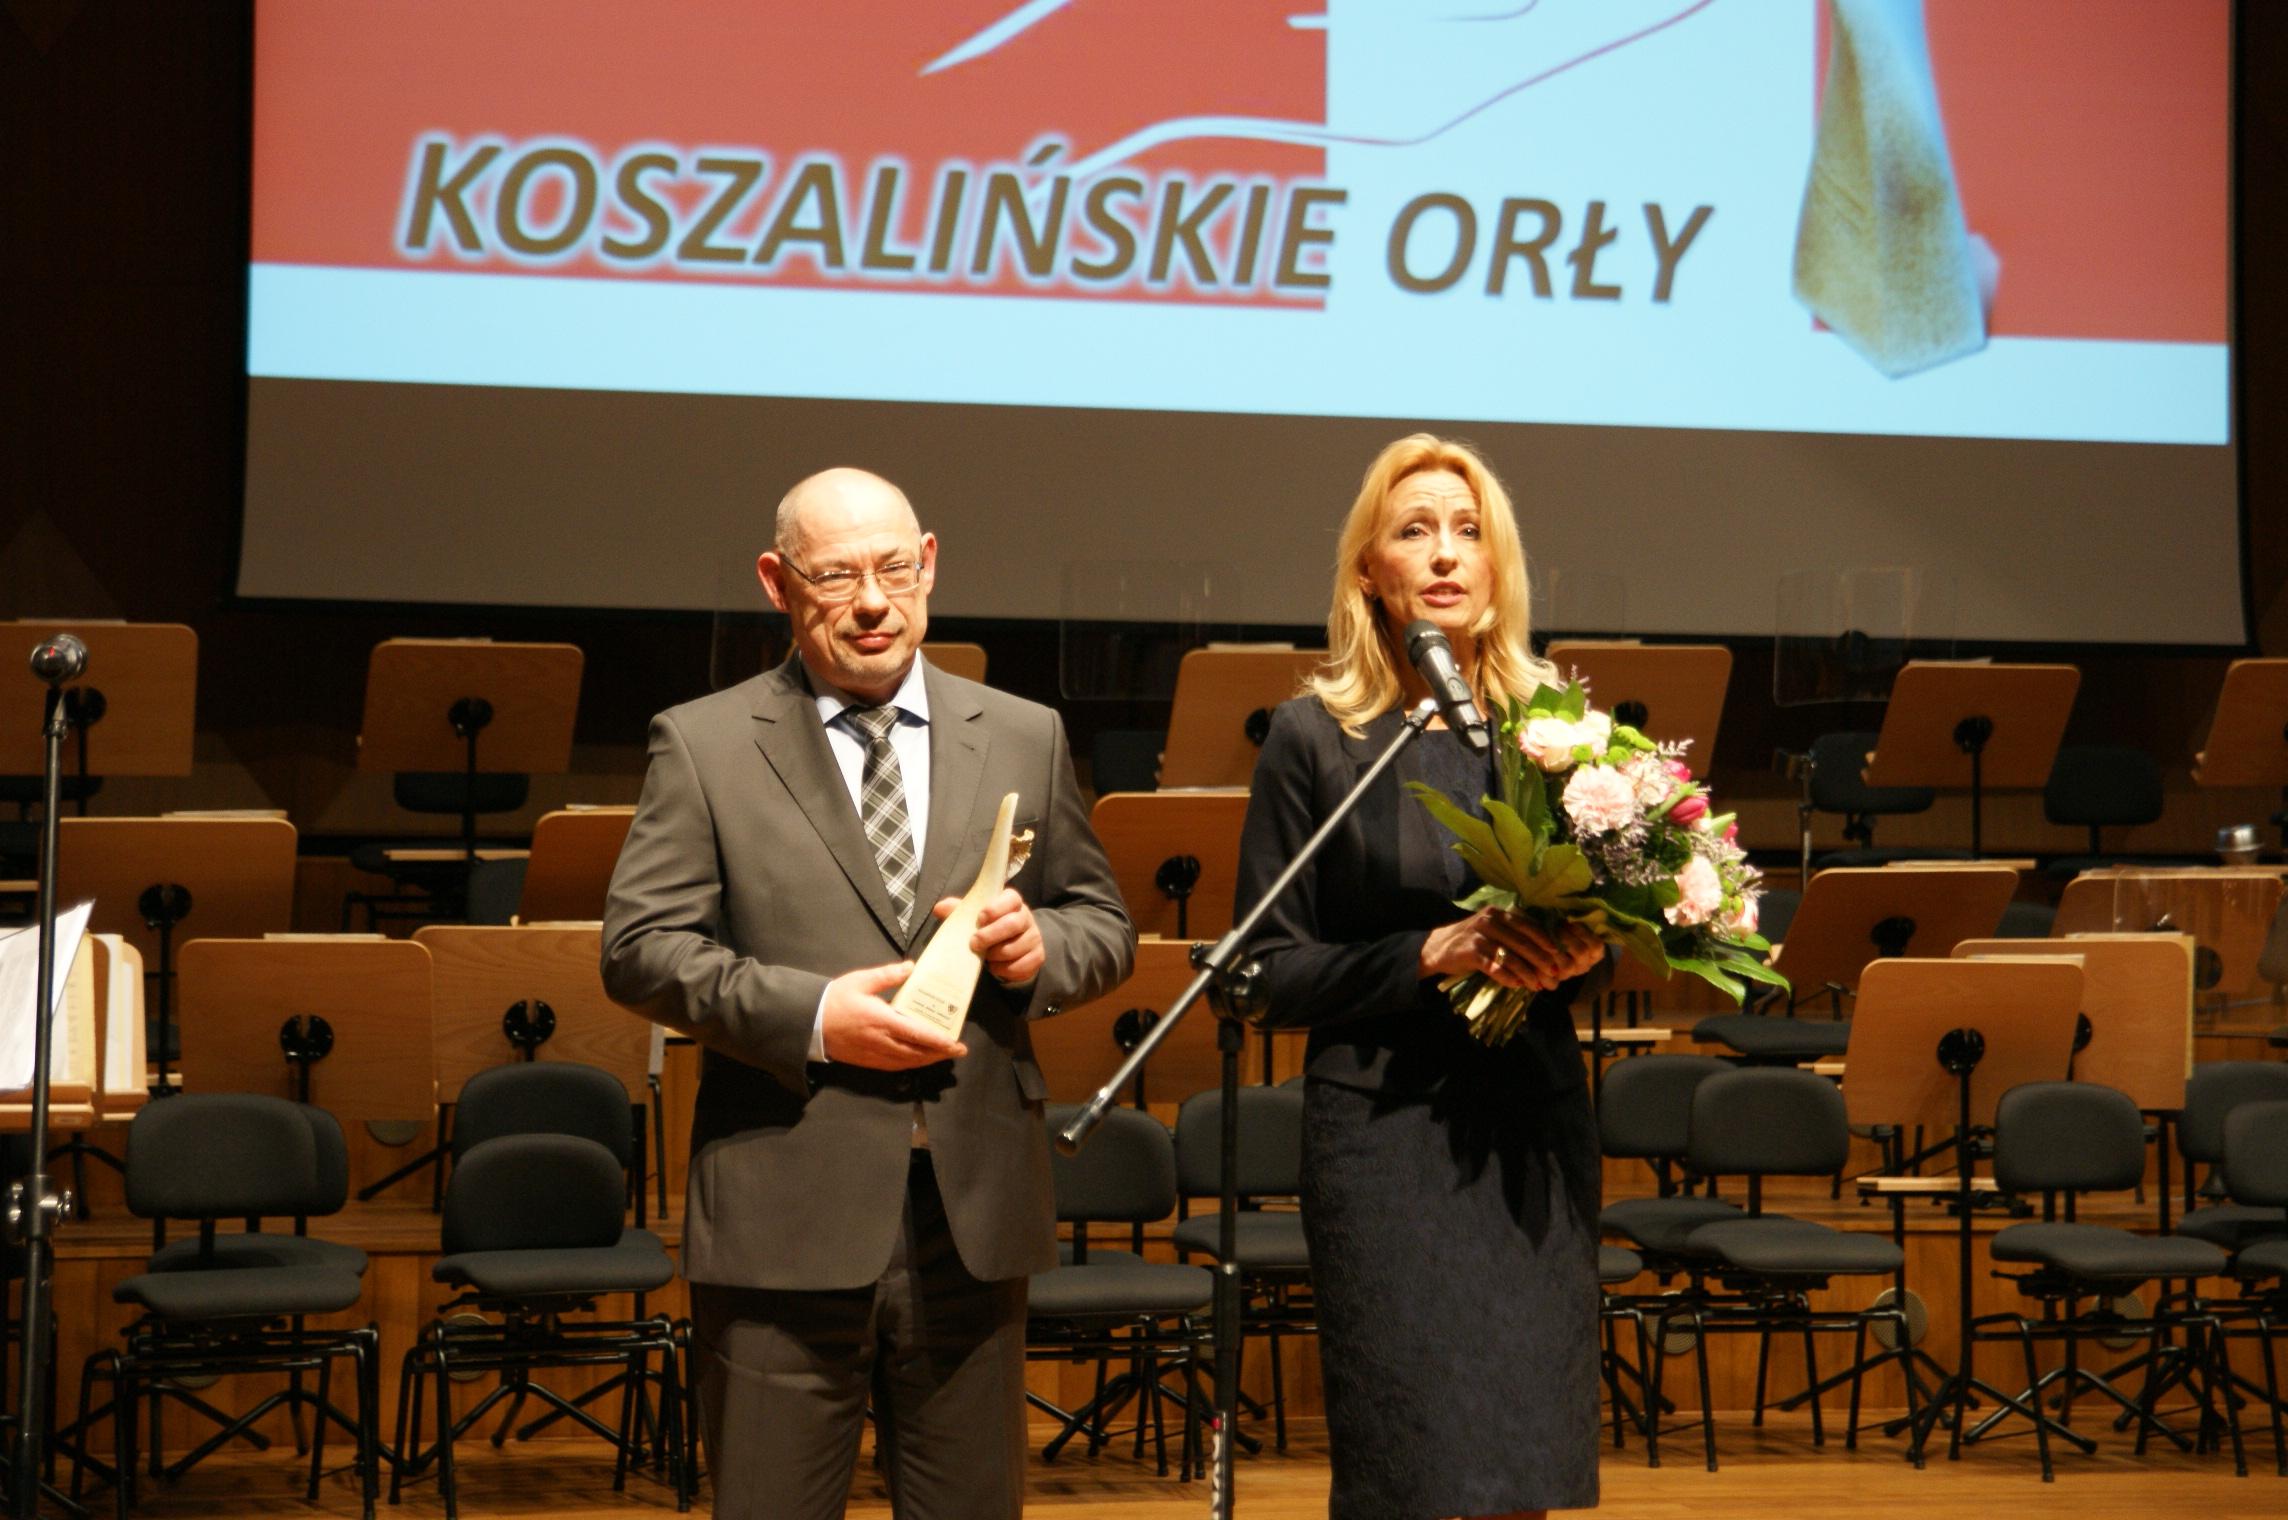 Małgorzata Kaweńska - Ślęzak, Waldemar Ślęzak